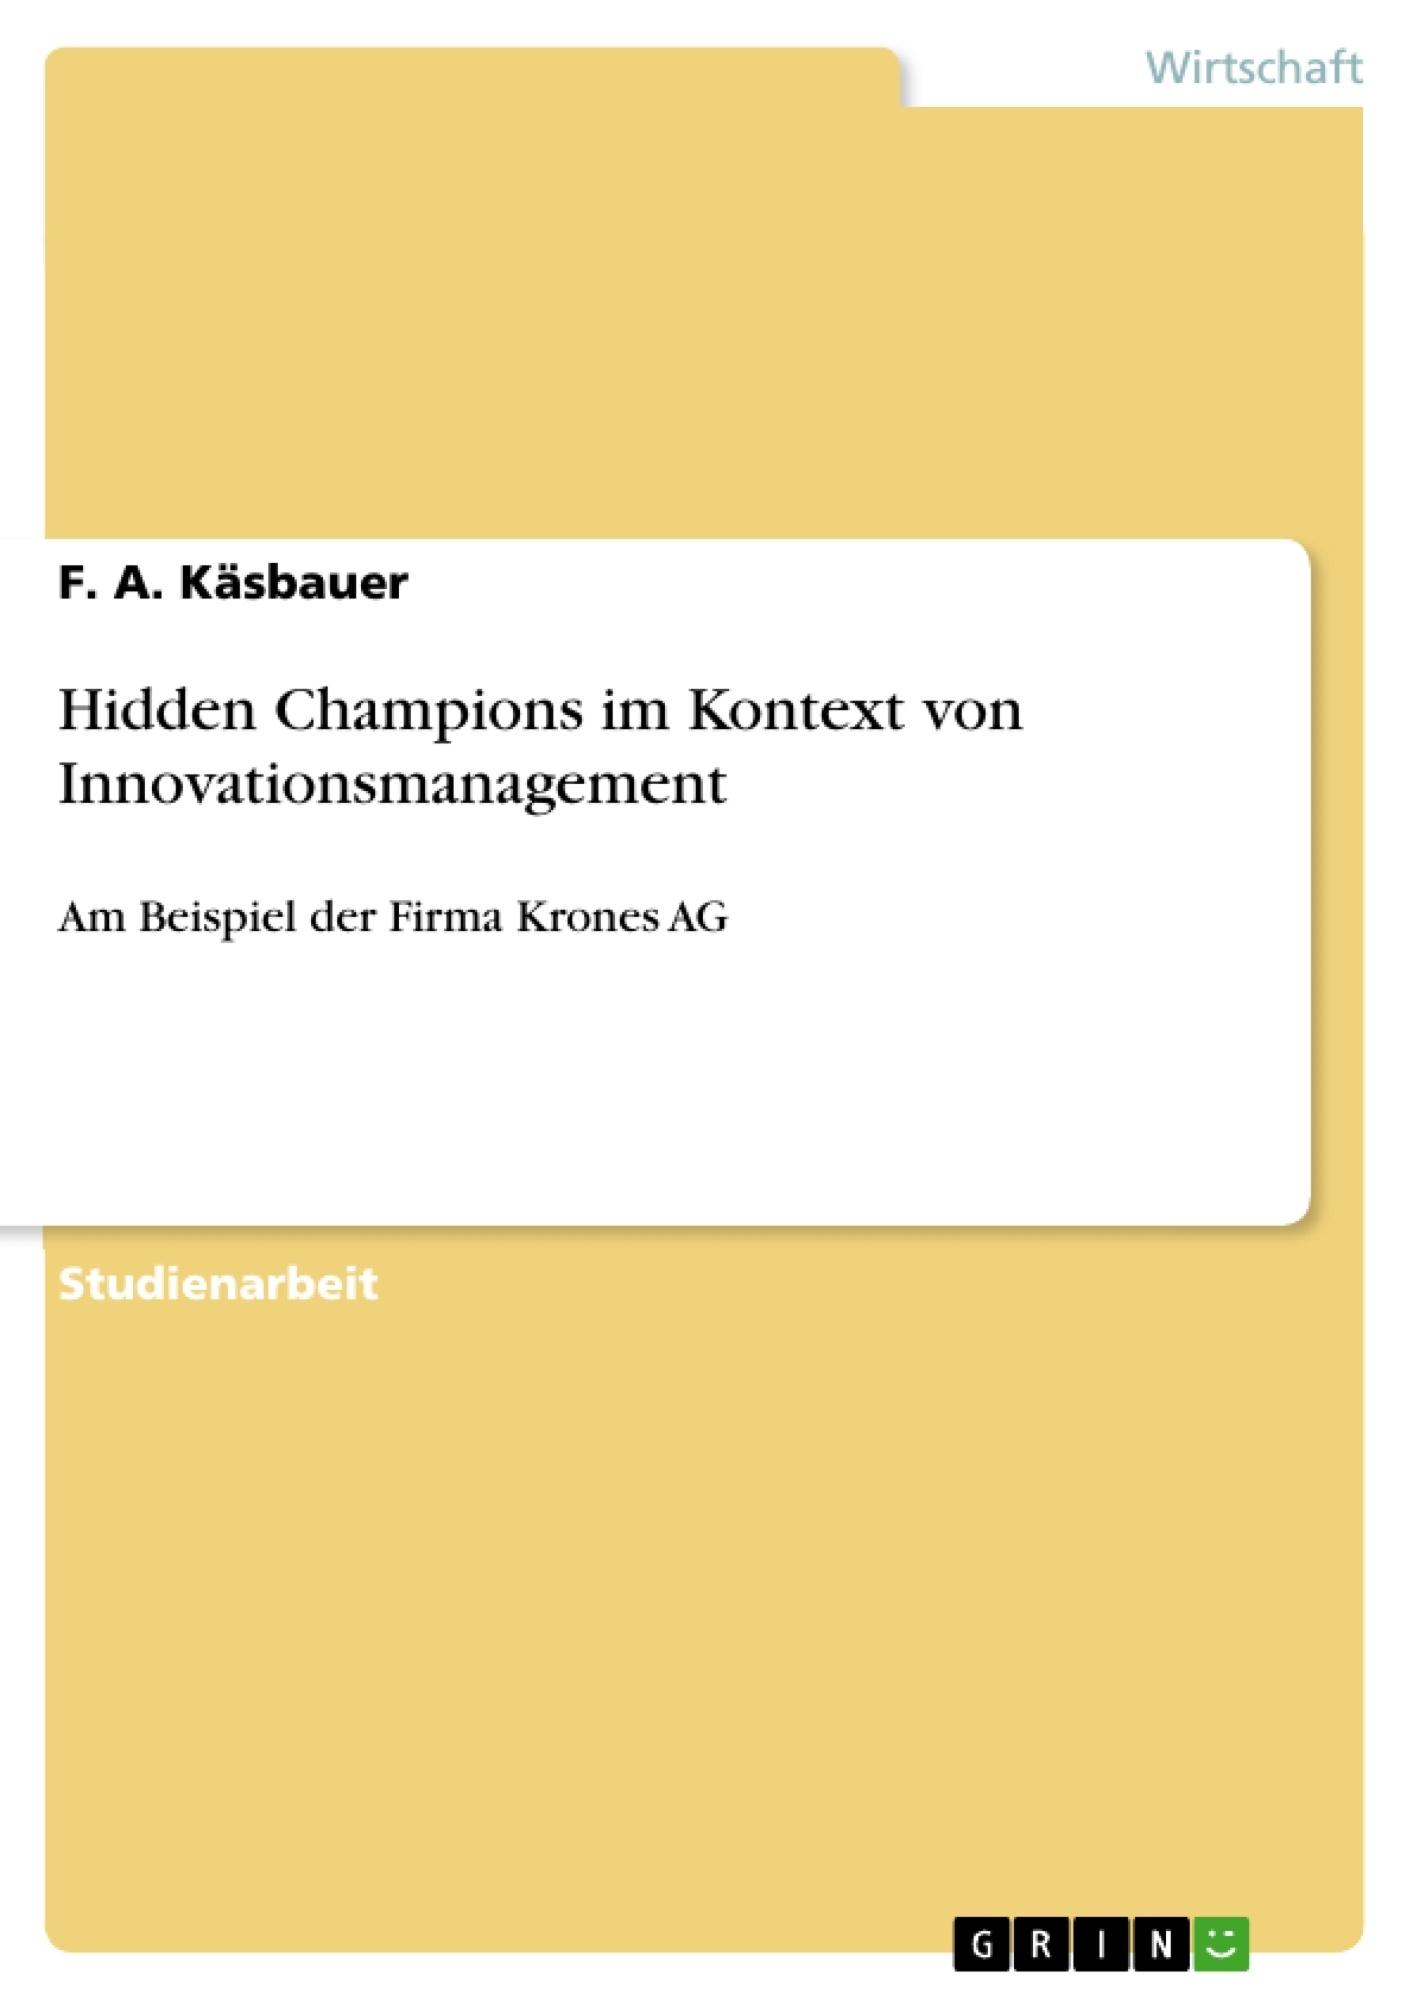 Titel: Hidden Champions im Kontext von Innovationsmanagement